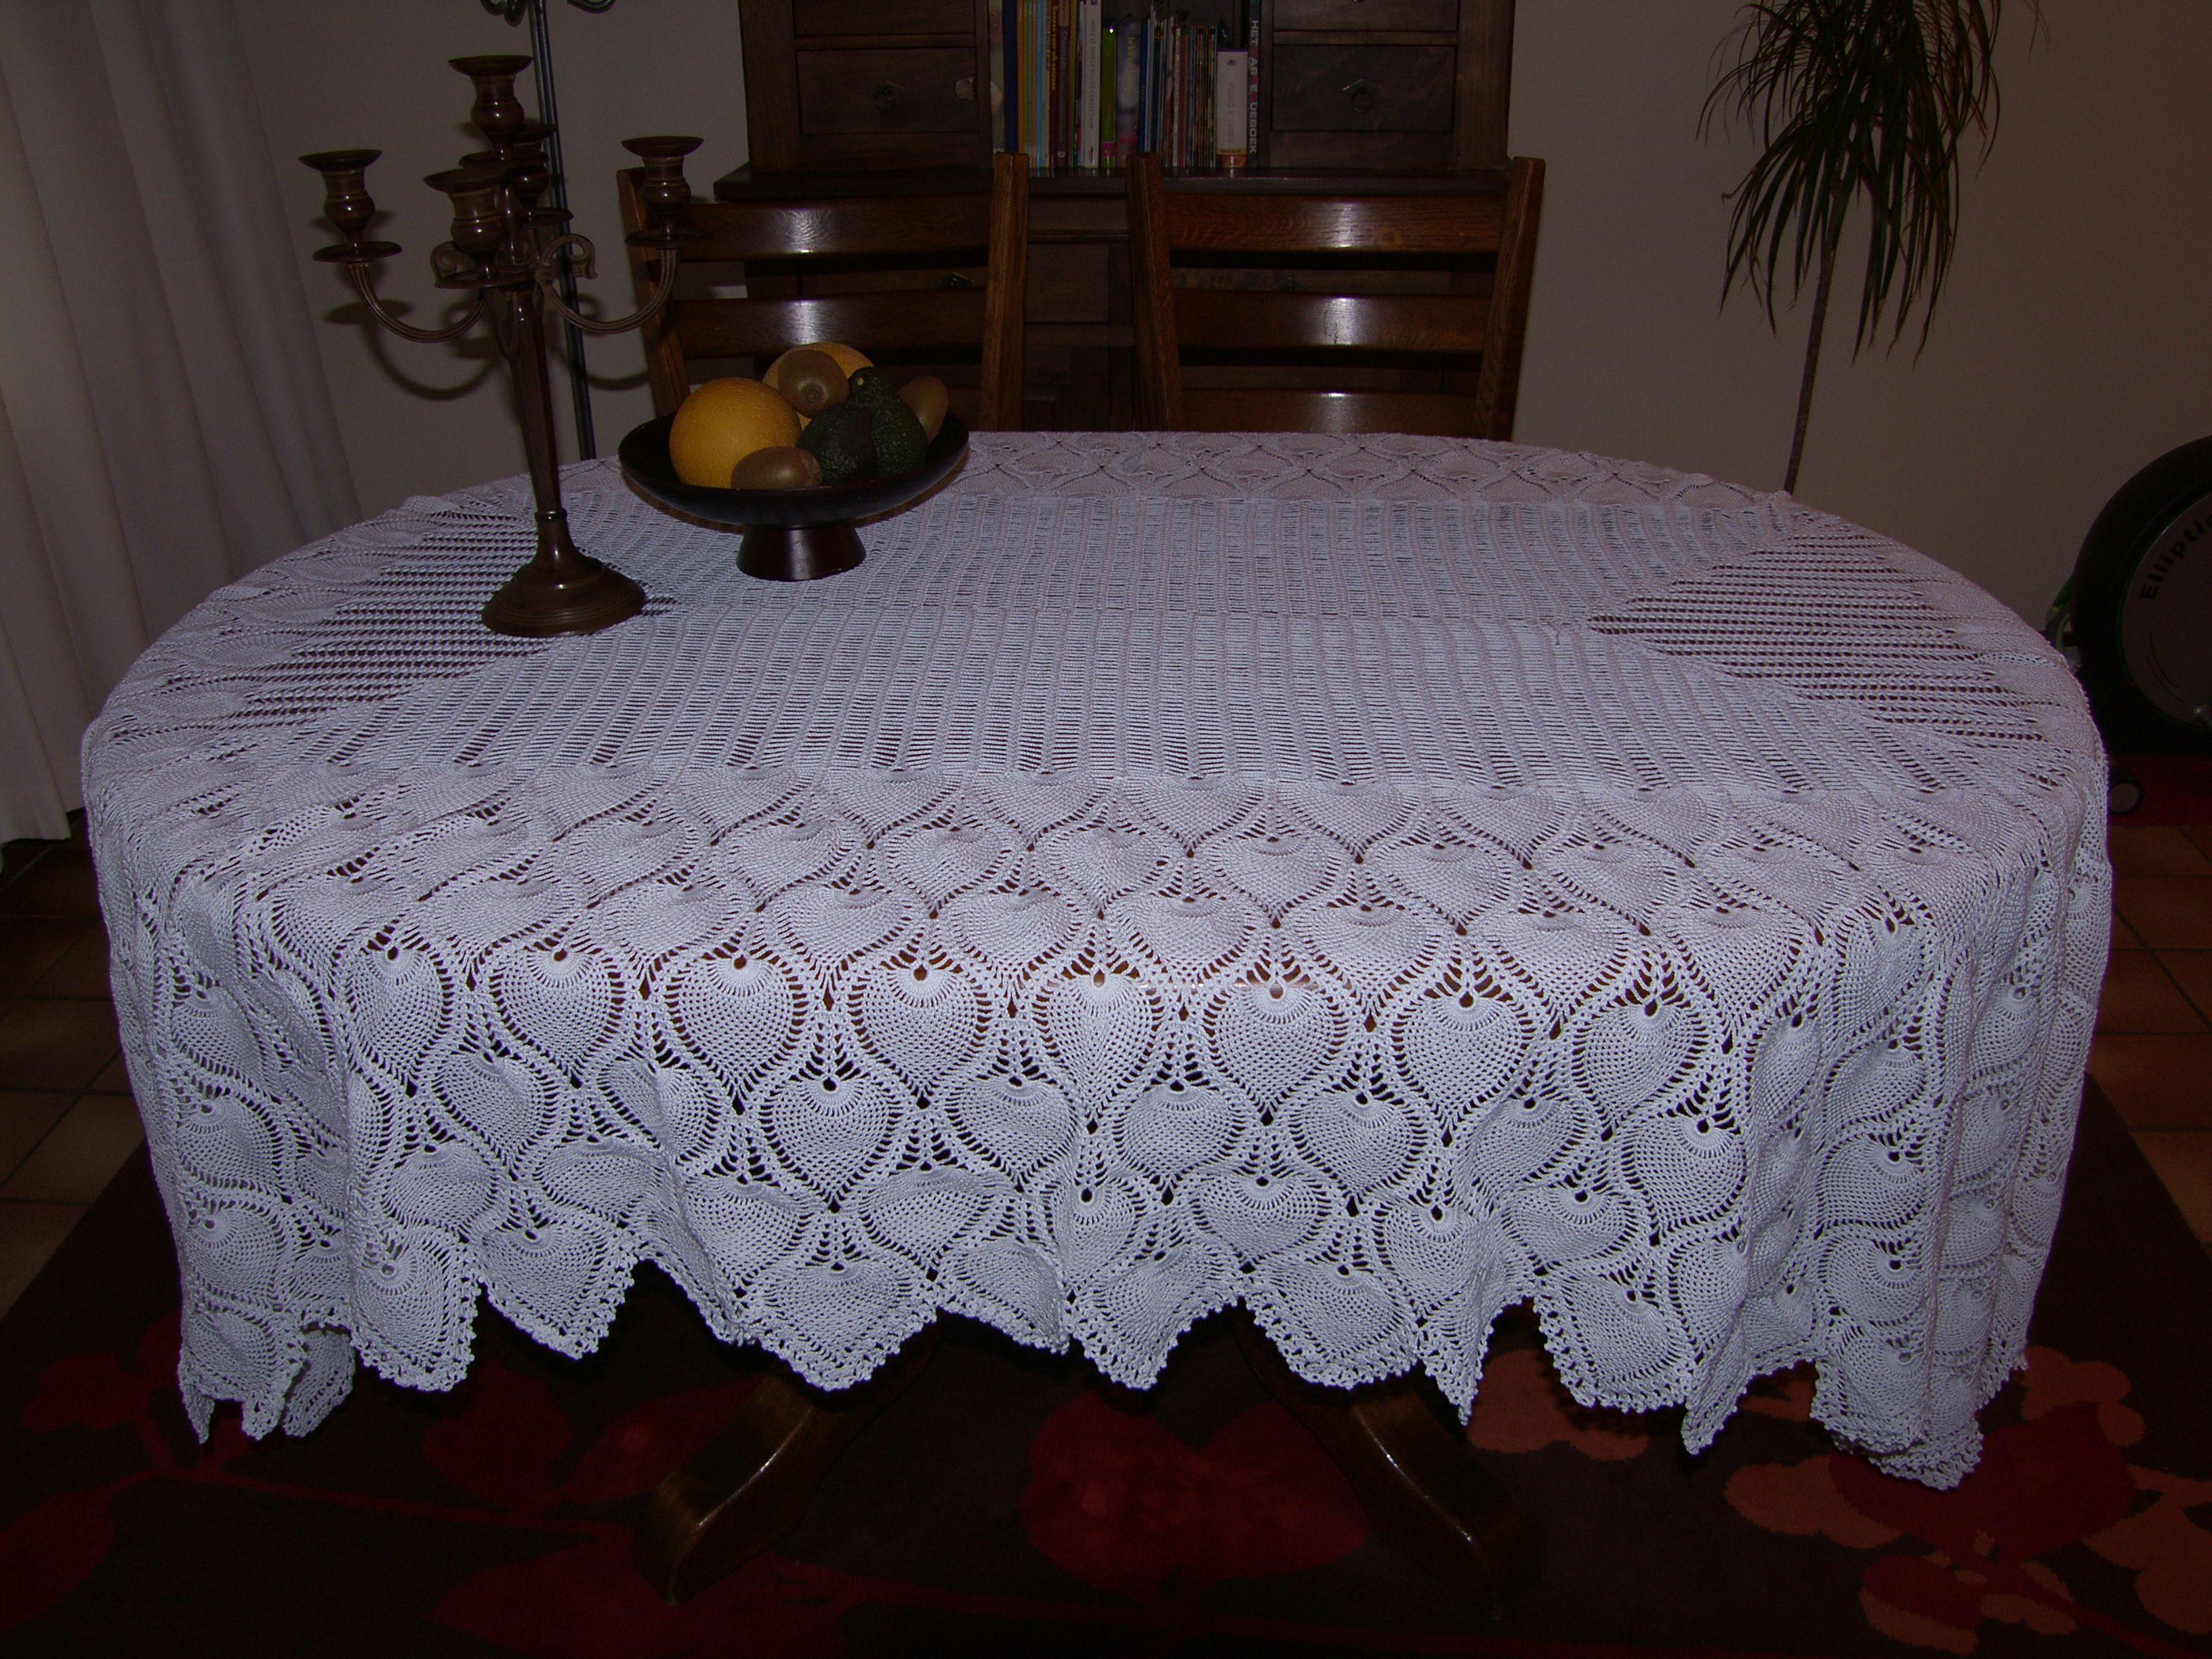 Vintage Pineapple Tablecloth Written Pattern Crochet